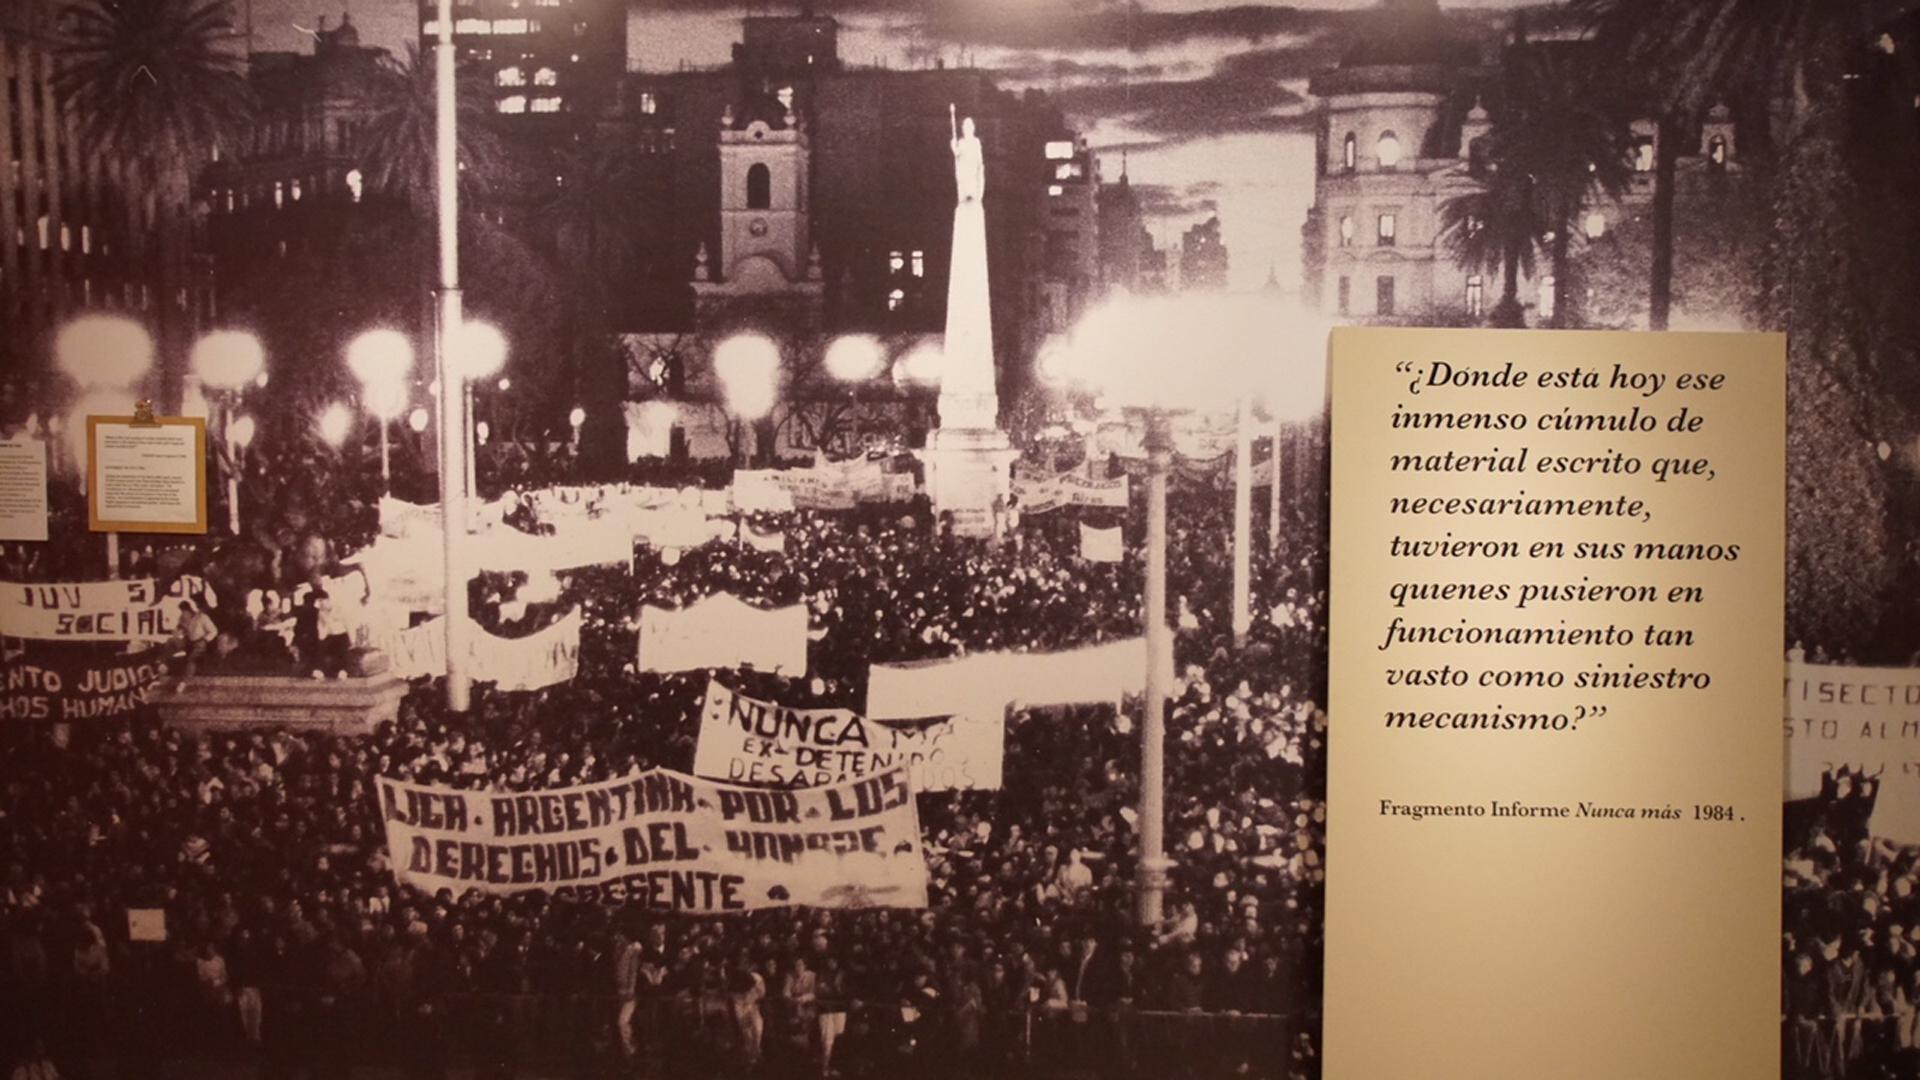 Un homenaje a los desperecidos en víspera de al 24 de Marzo, Día Nacional de la Memoria por la Verdad y la Justicia